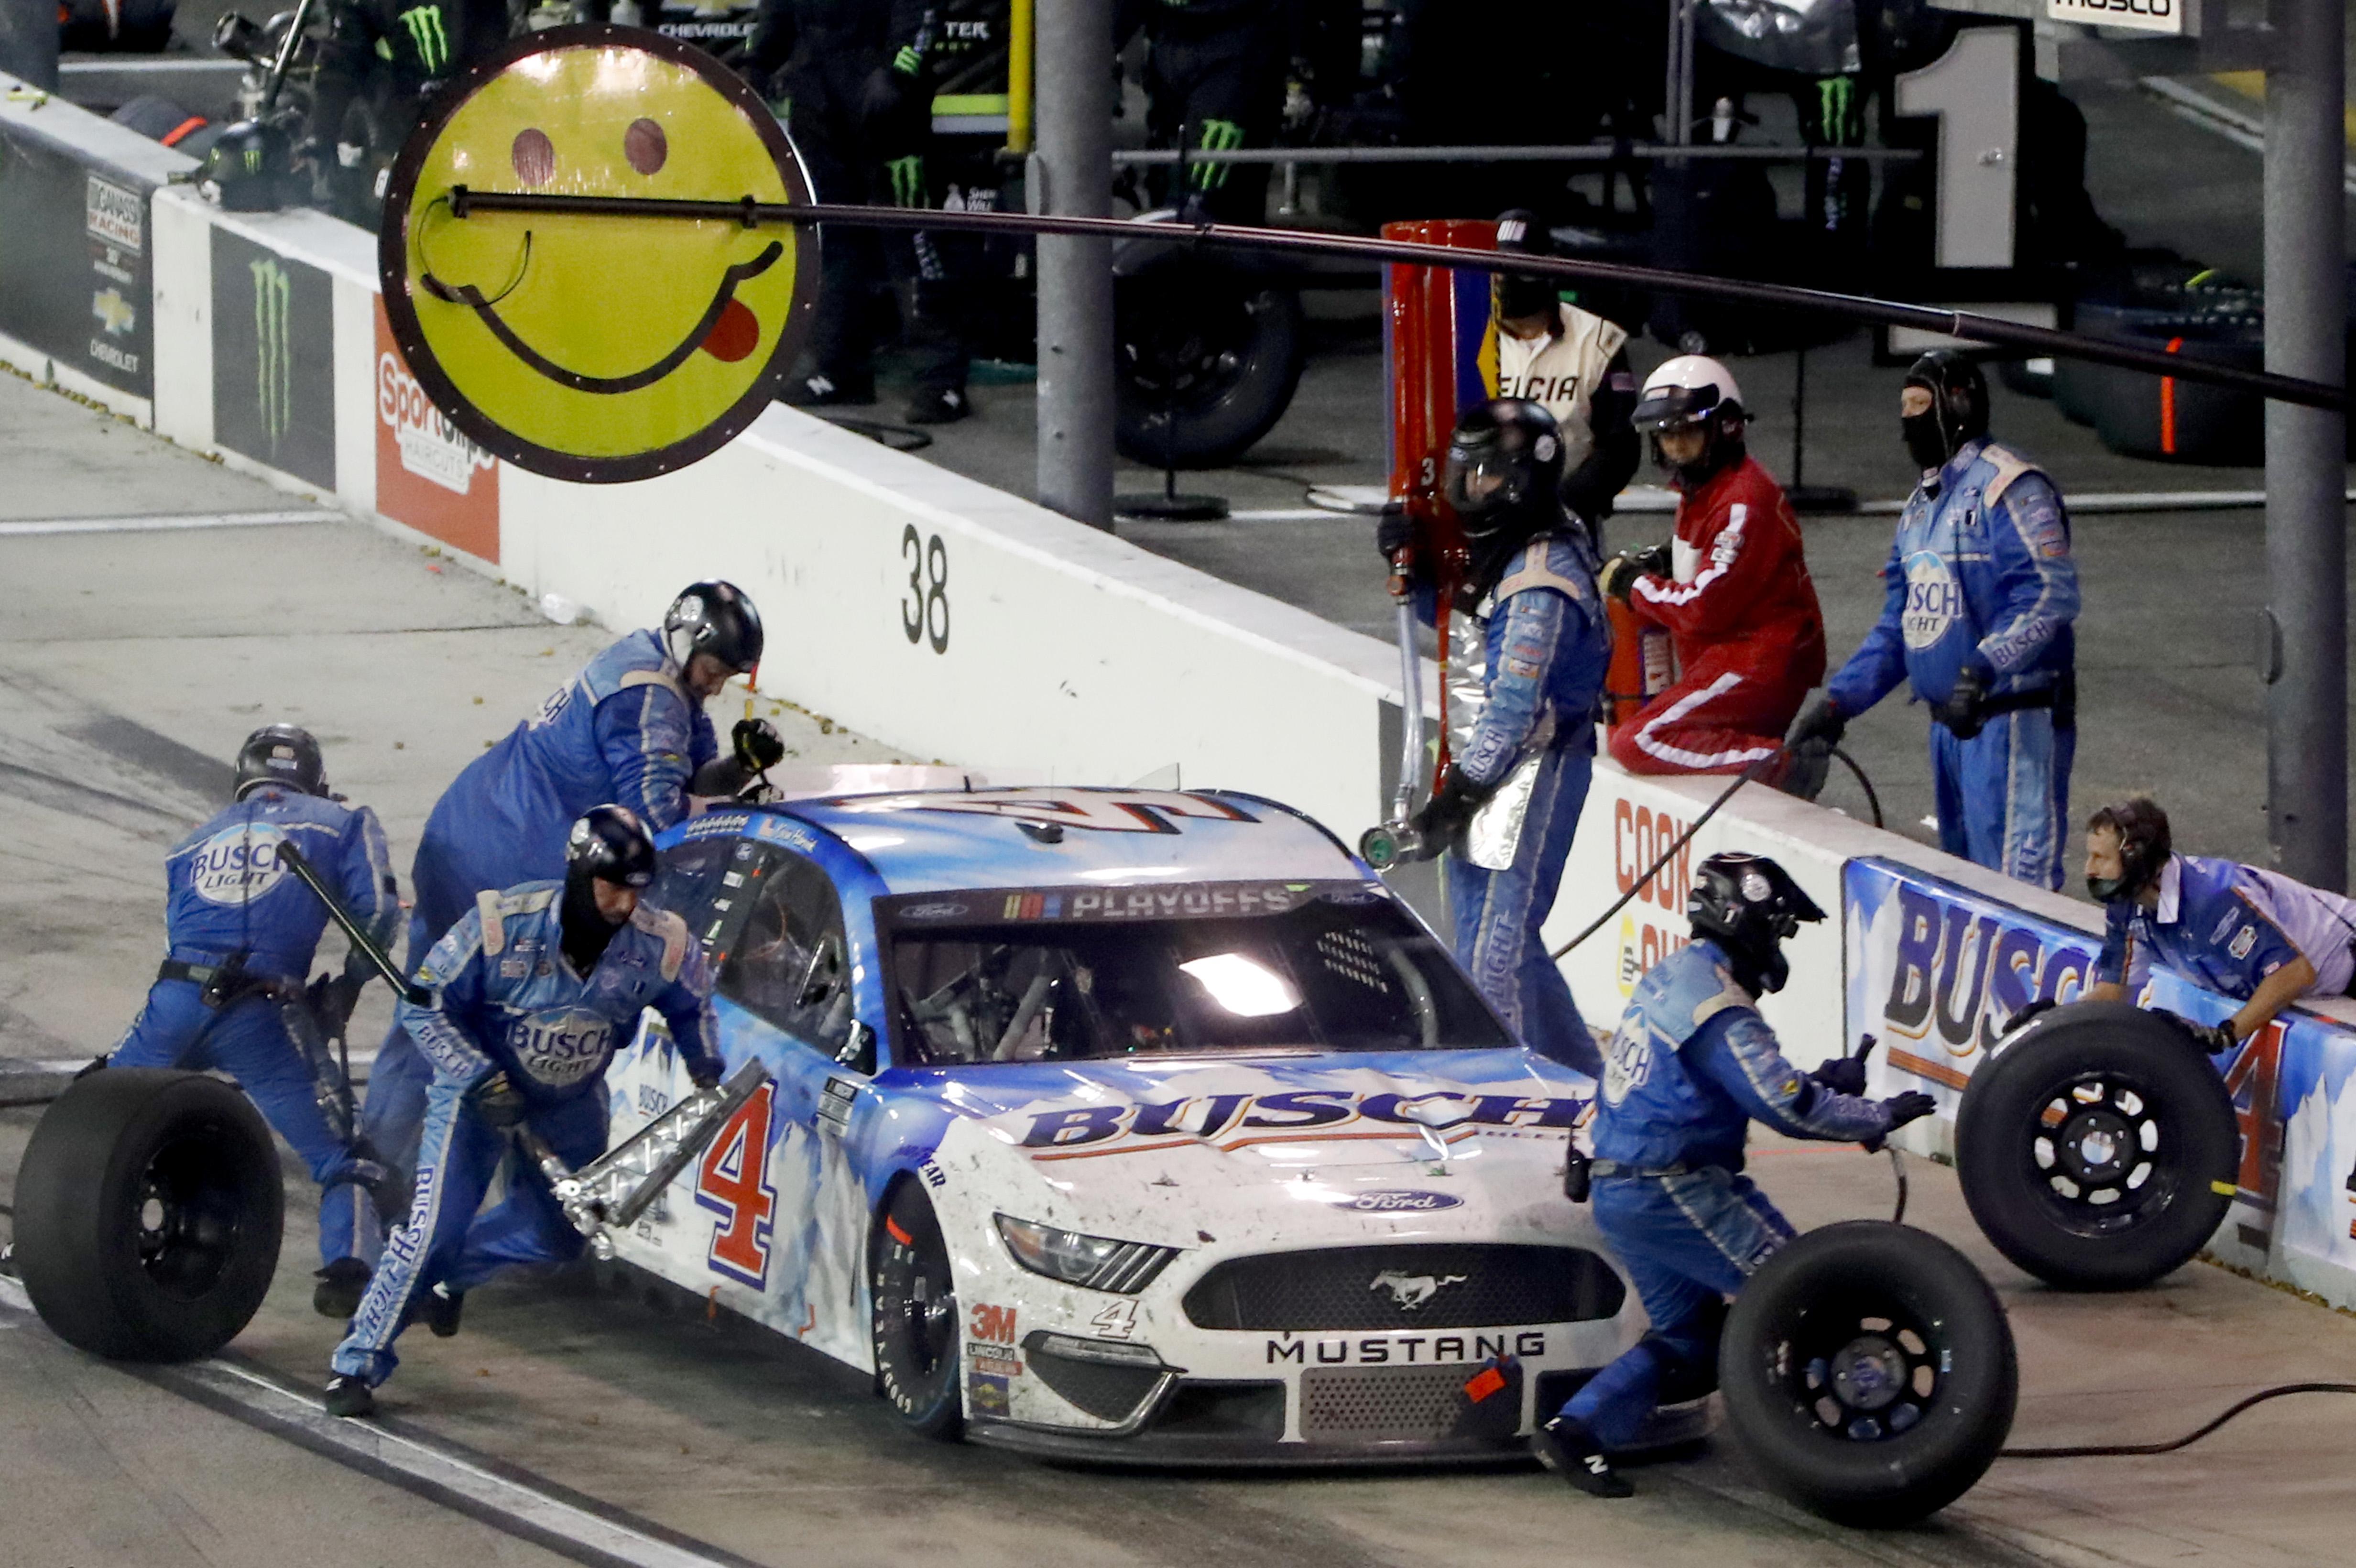 """2020年9月6日,在南卡罗来纳达林顿赛道举行的纳斯卡杯系列赛""""烹饪南方500""""(Cook Out Southern 500)中,4号布希啤酒的赛车手凯文·哈维(Kevin Harvick)在维修站加油。"""